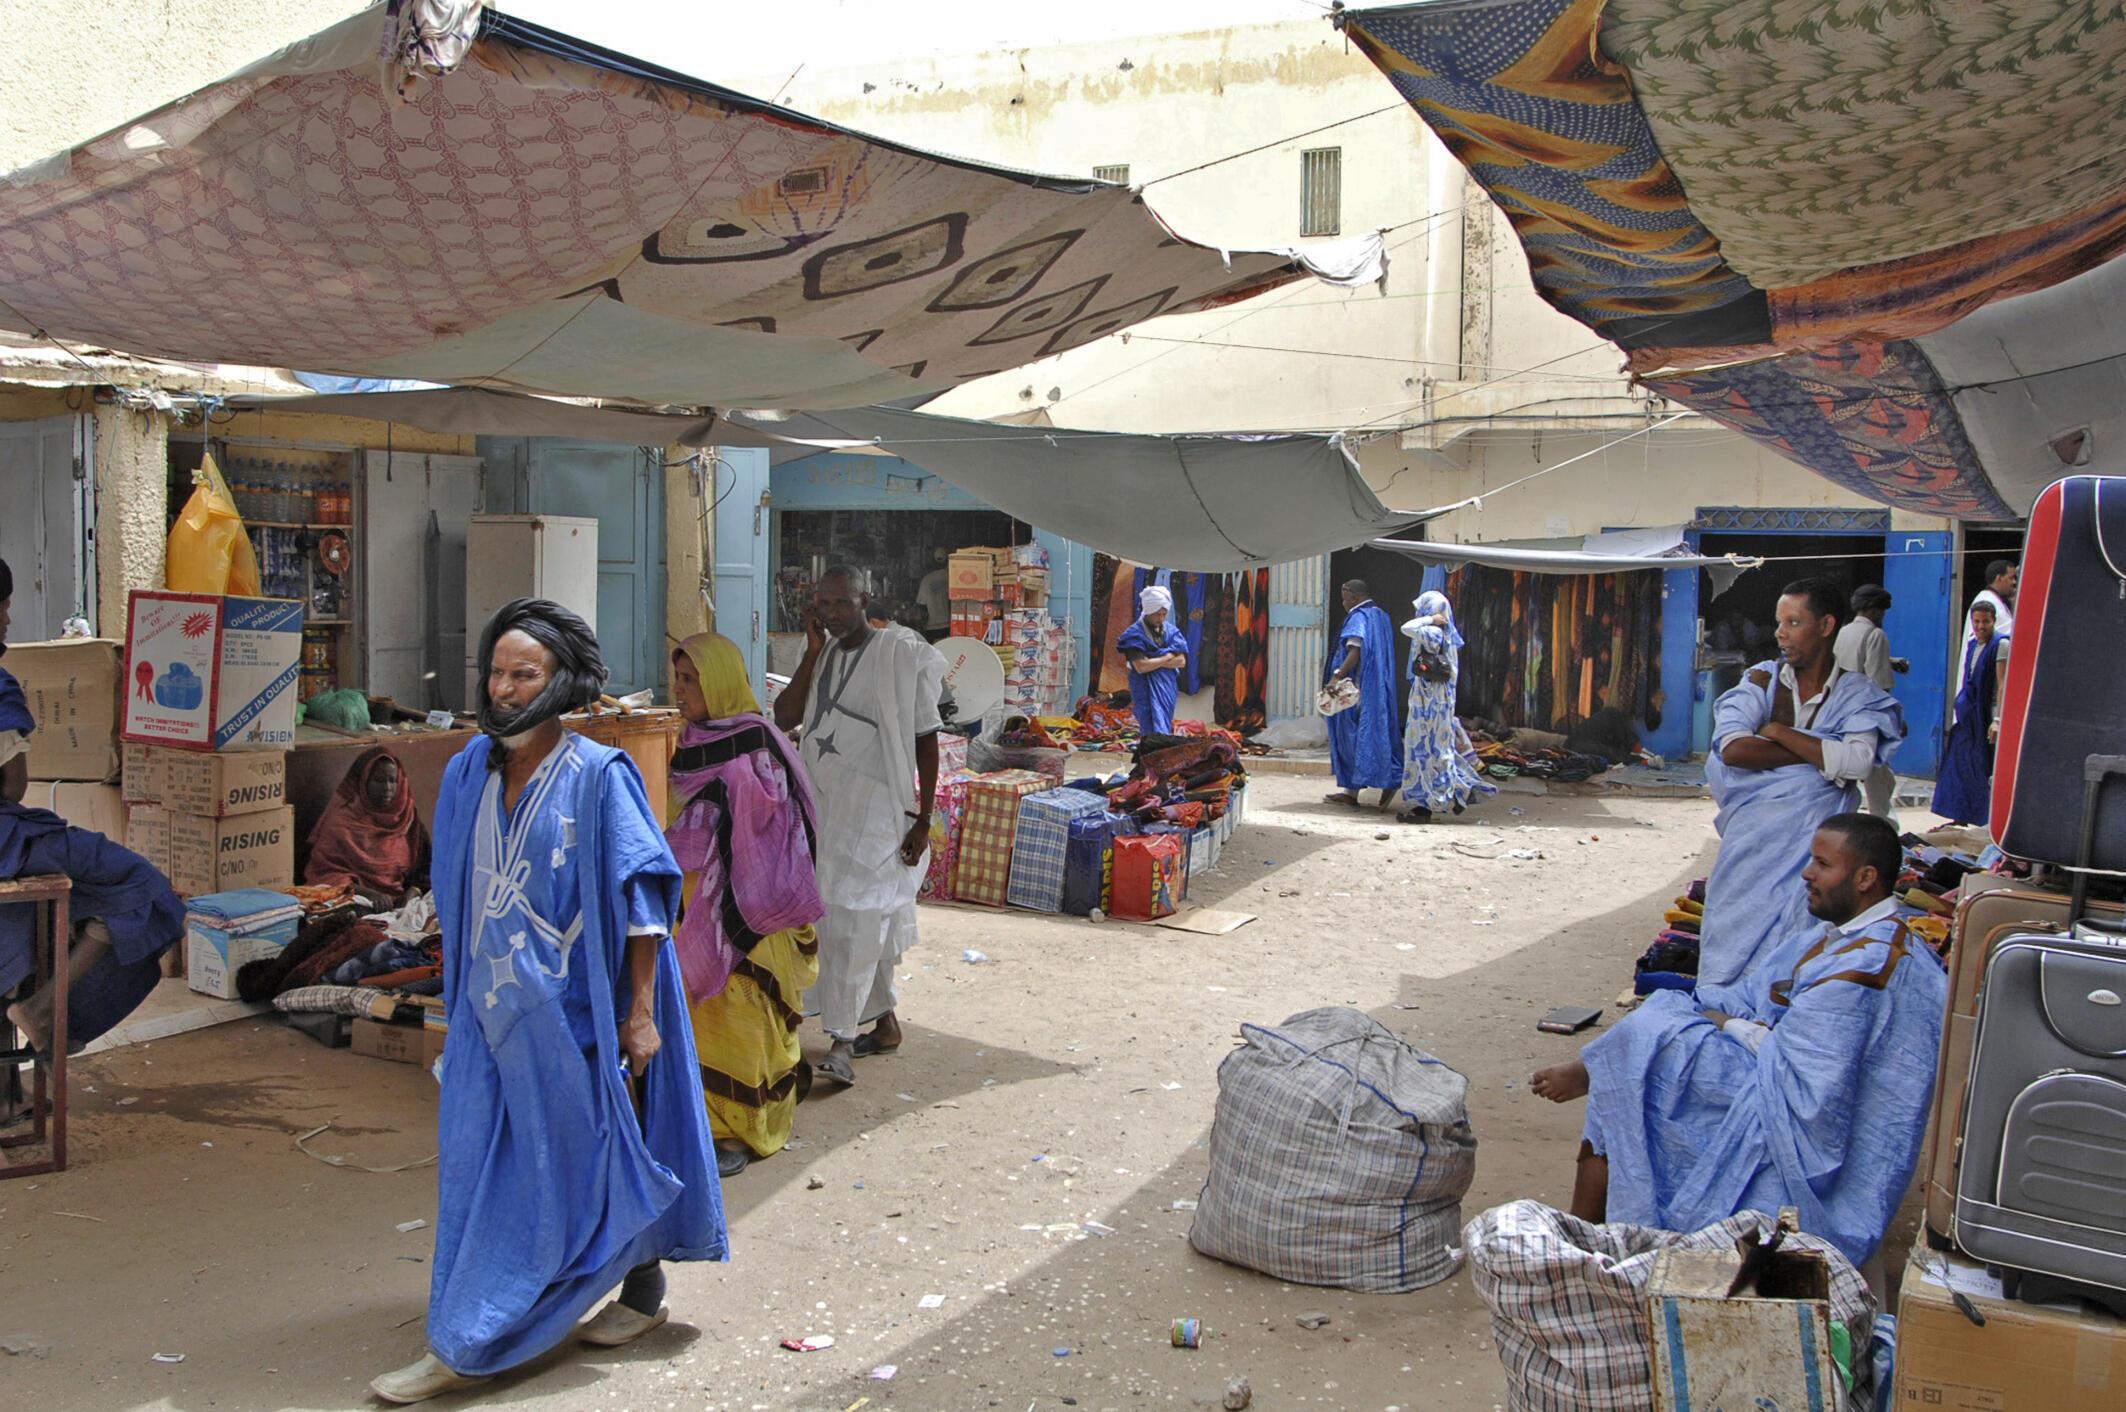 En Mauritanie, il y a encore des esclaves.